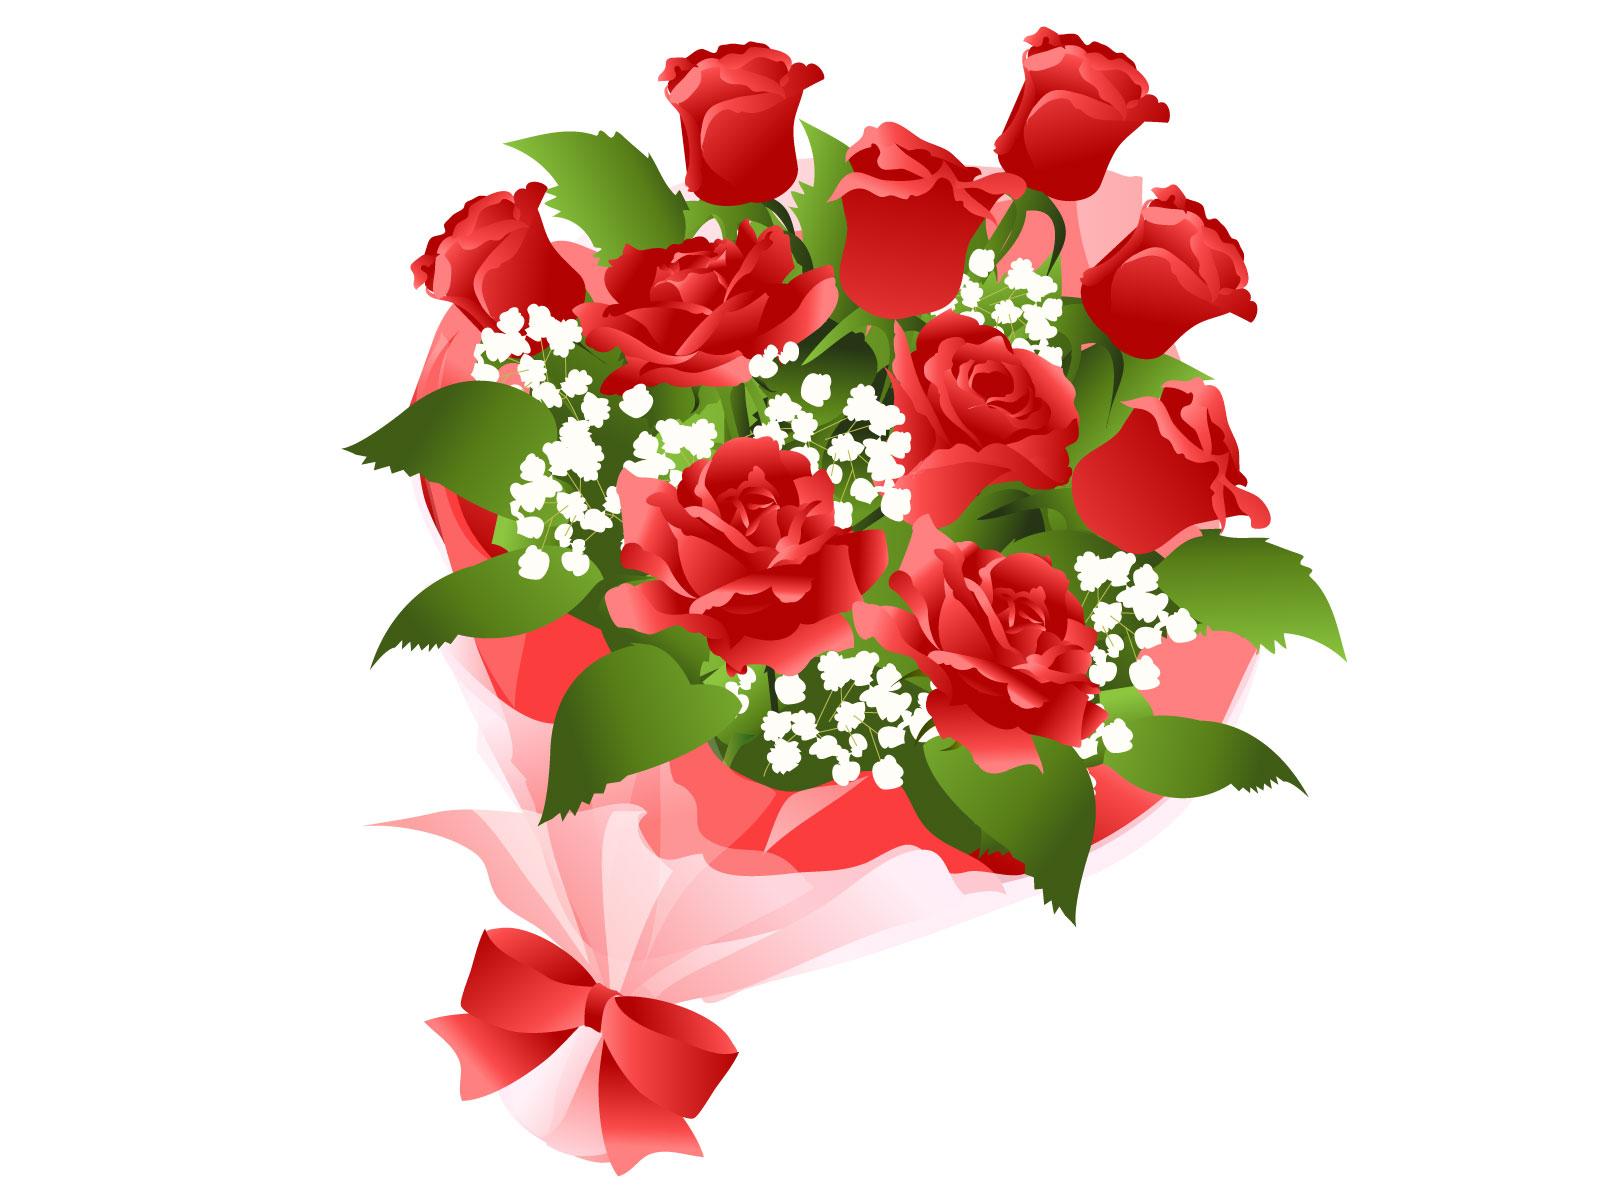 赤い薔薇のイメージ